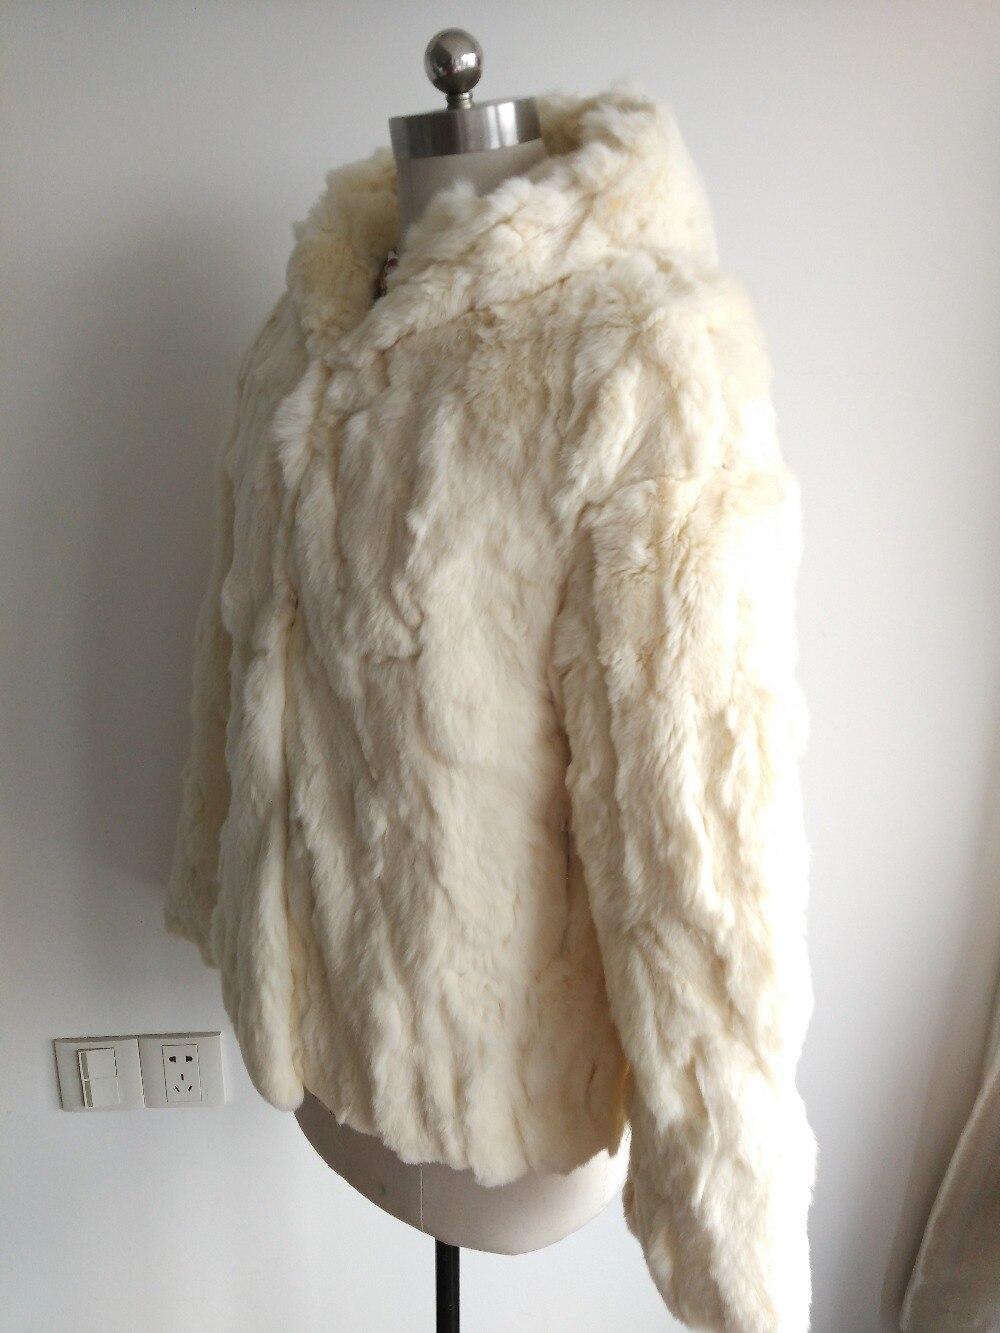 Manteau Épais black Beige 2019 Veste Fourrure Vintage Naturelle Mode Réel Rex De grey Lapin Nouvelle Avec Capuche Femmes Chaud Sr137 wnTxHn4fO8